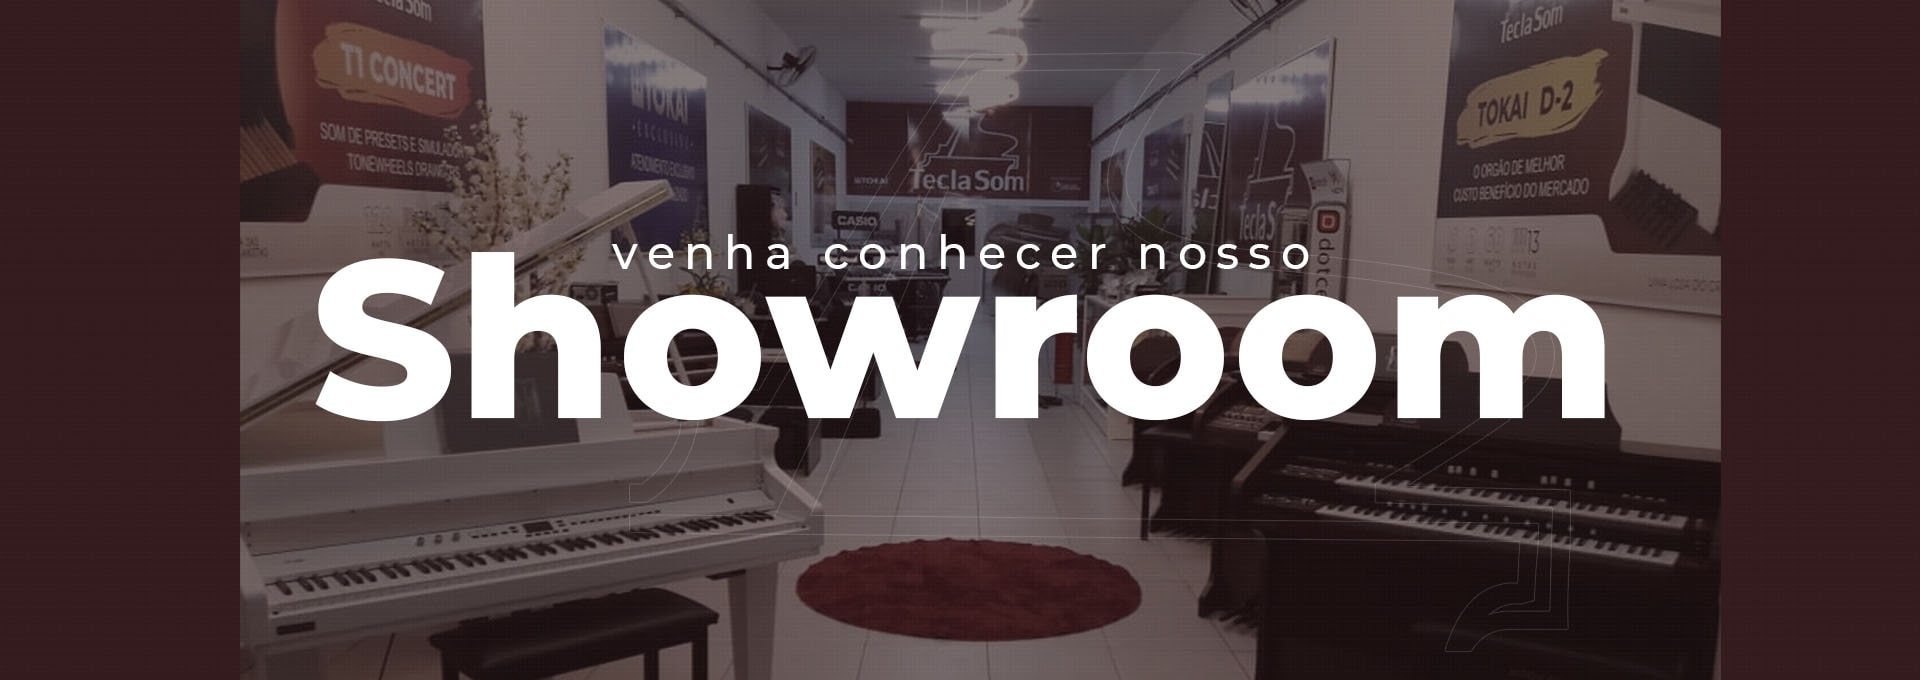 Loja de instrumento musicais showroom